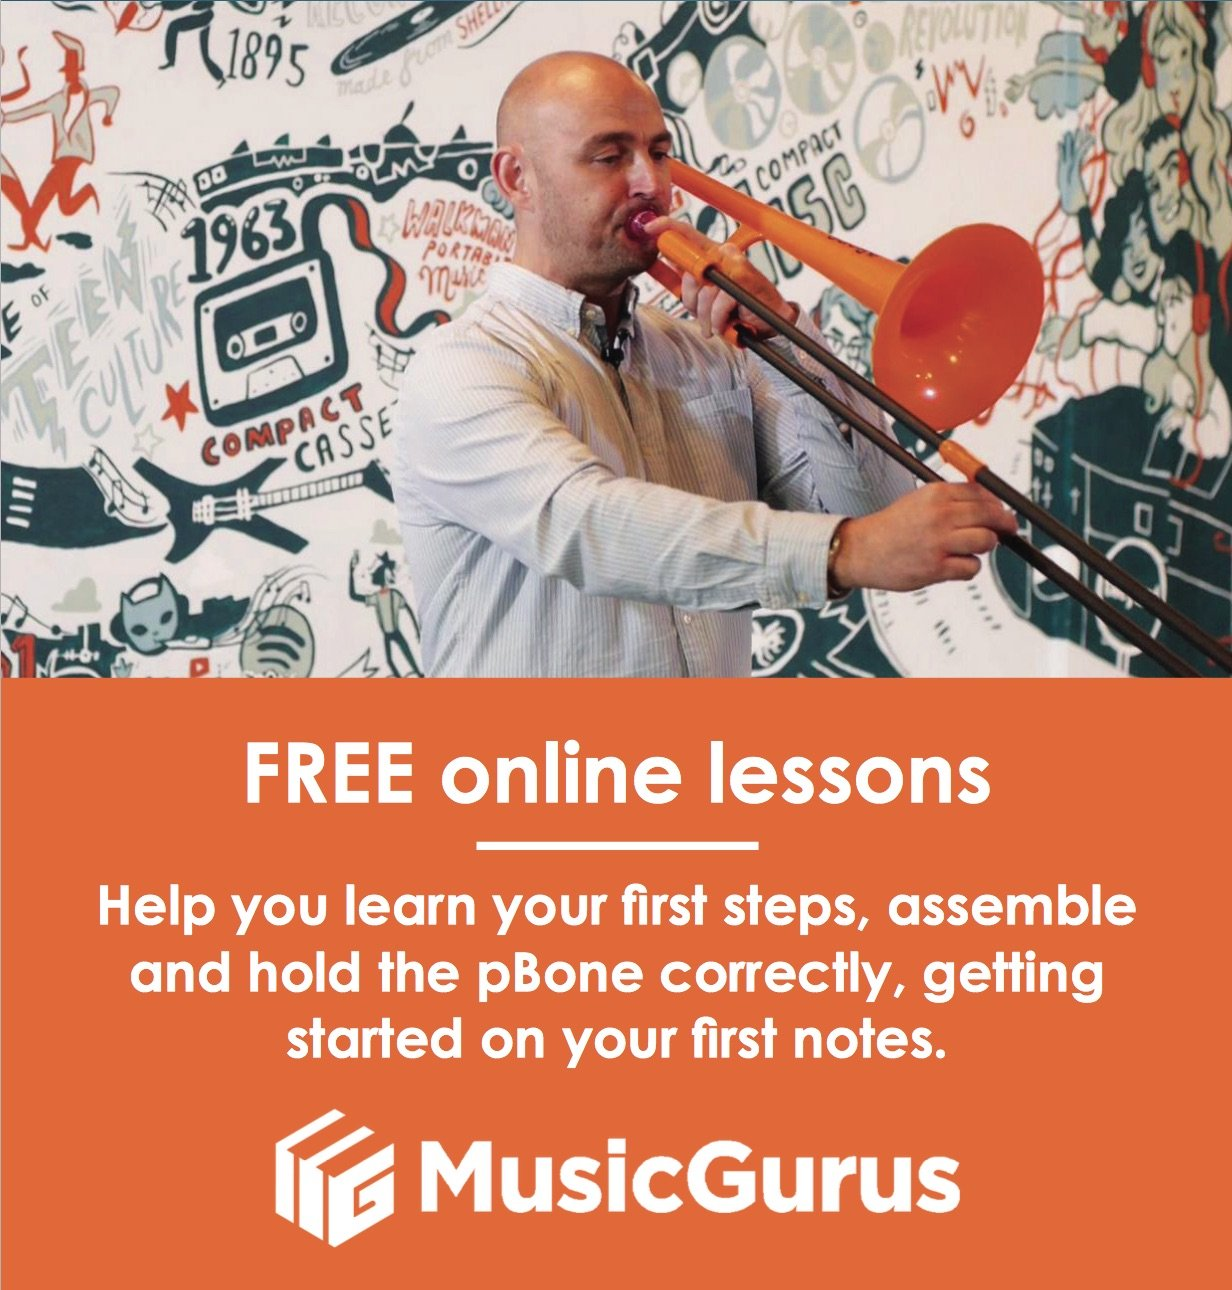 Jiggs Trombone Pbone Purple Spec Dan Daftar Harga Terbaru Indonesia Awm 1st Lesson Care Kit Tck Fl Pbone1p Plastic Pbone1 P Trombones